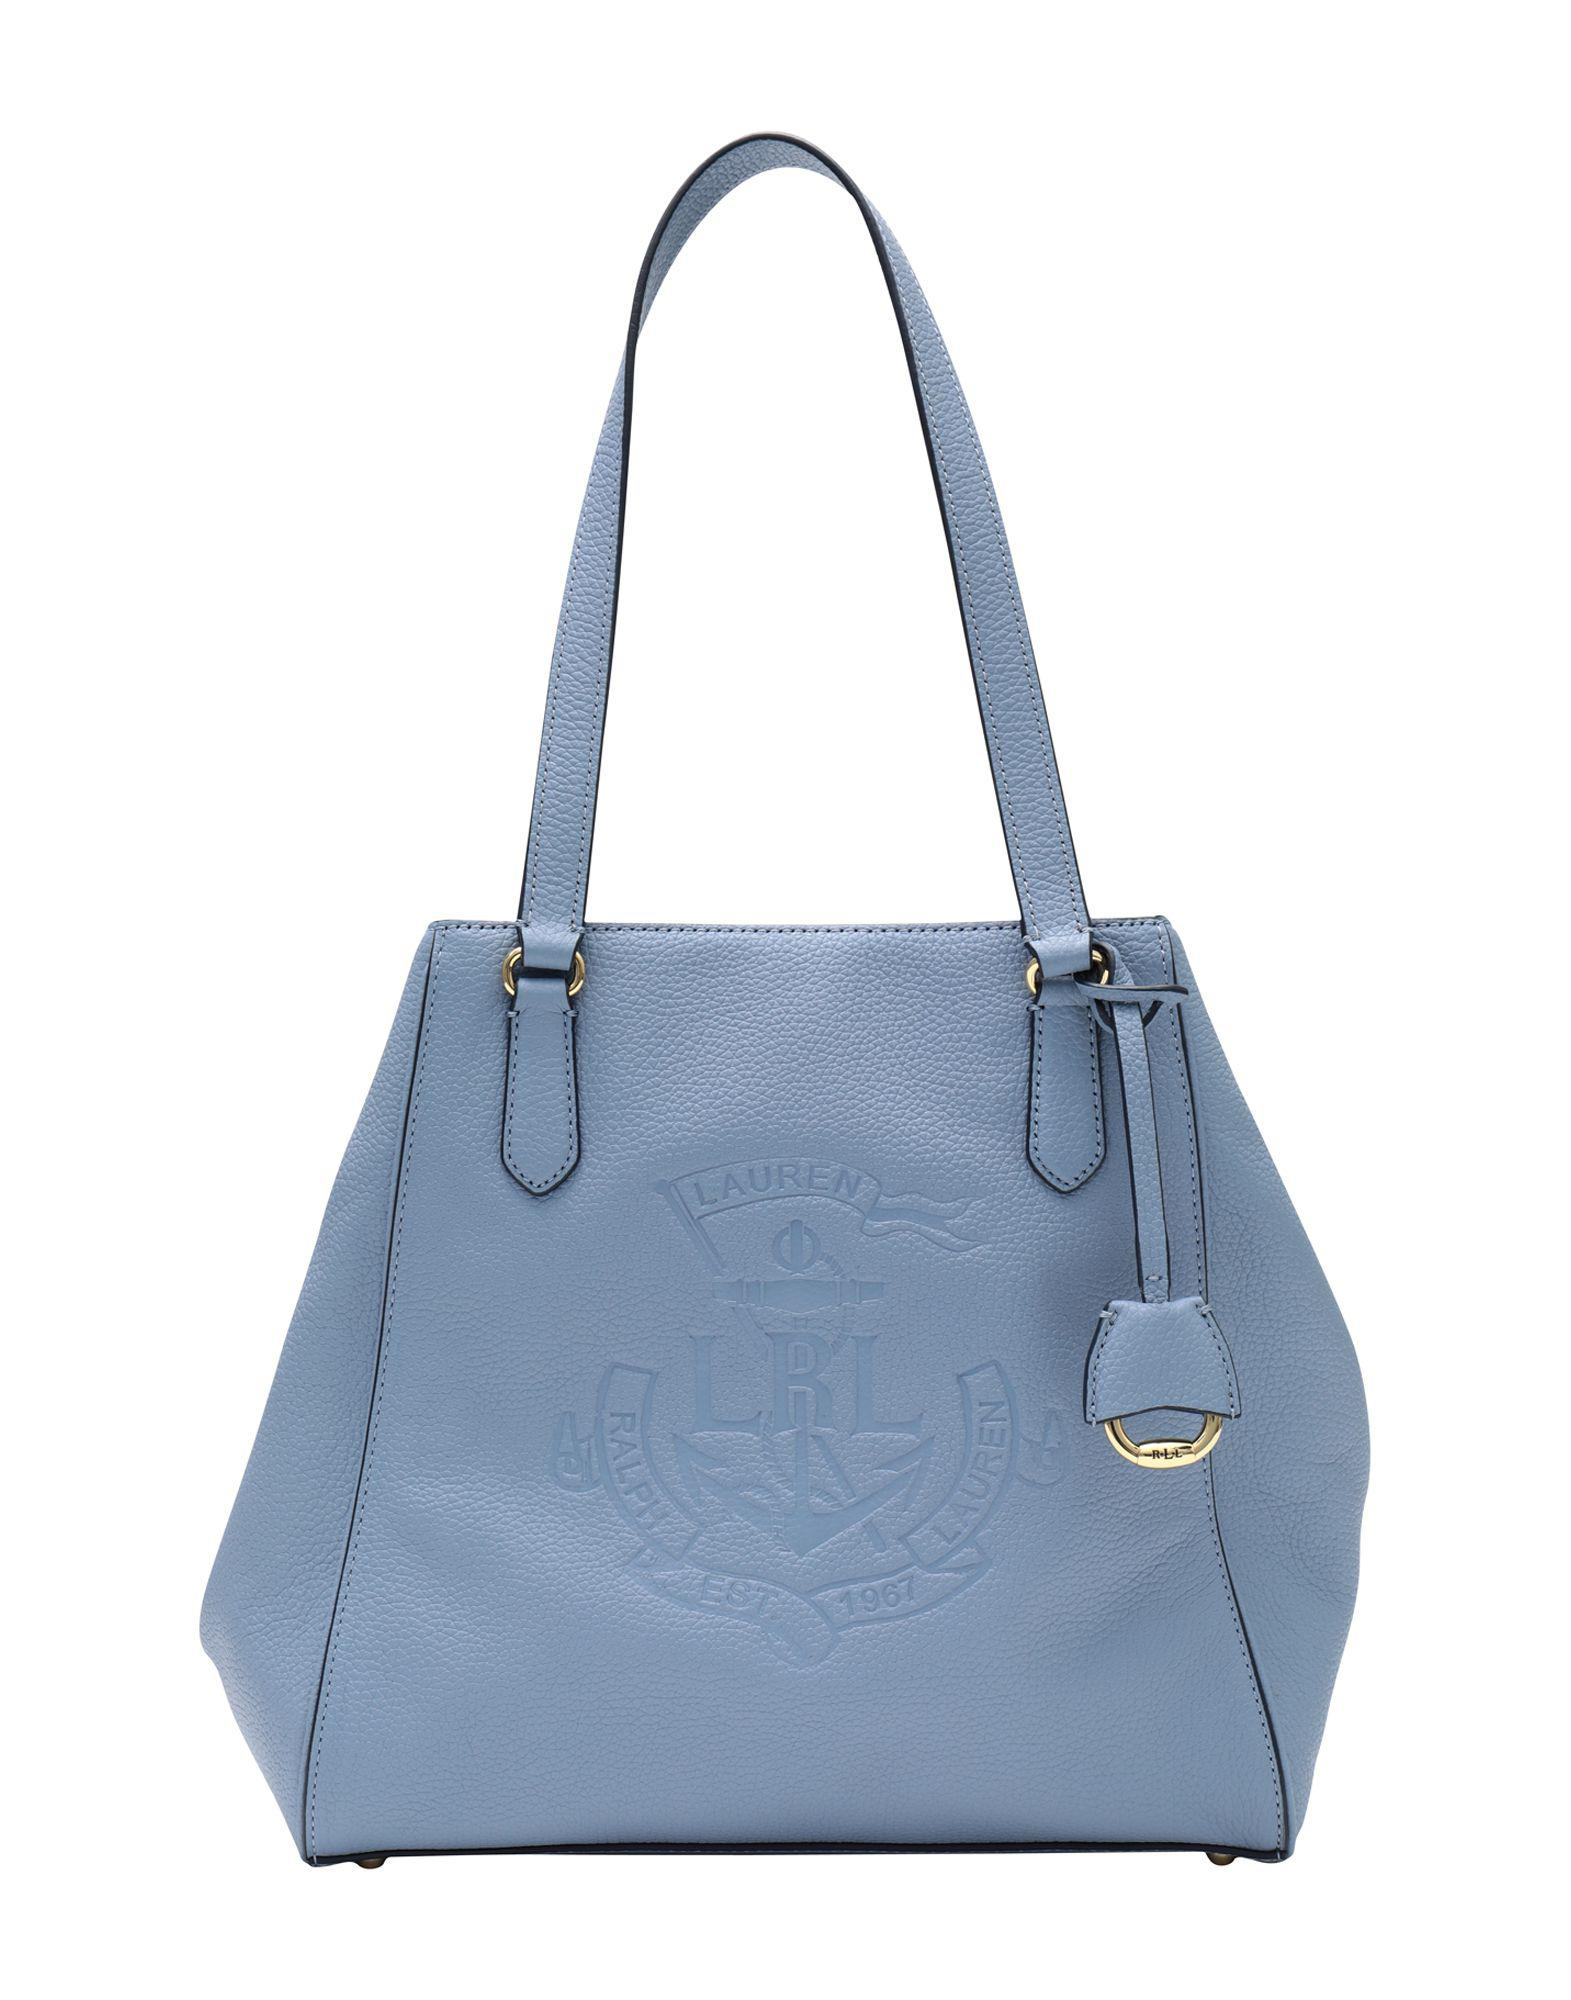 eb549bd26f Lauren by Ralph Lauren. Sac à main femme de coloris bleu